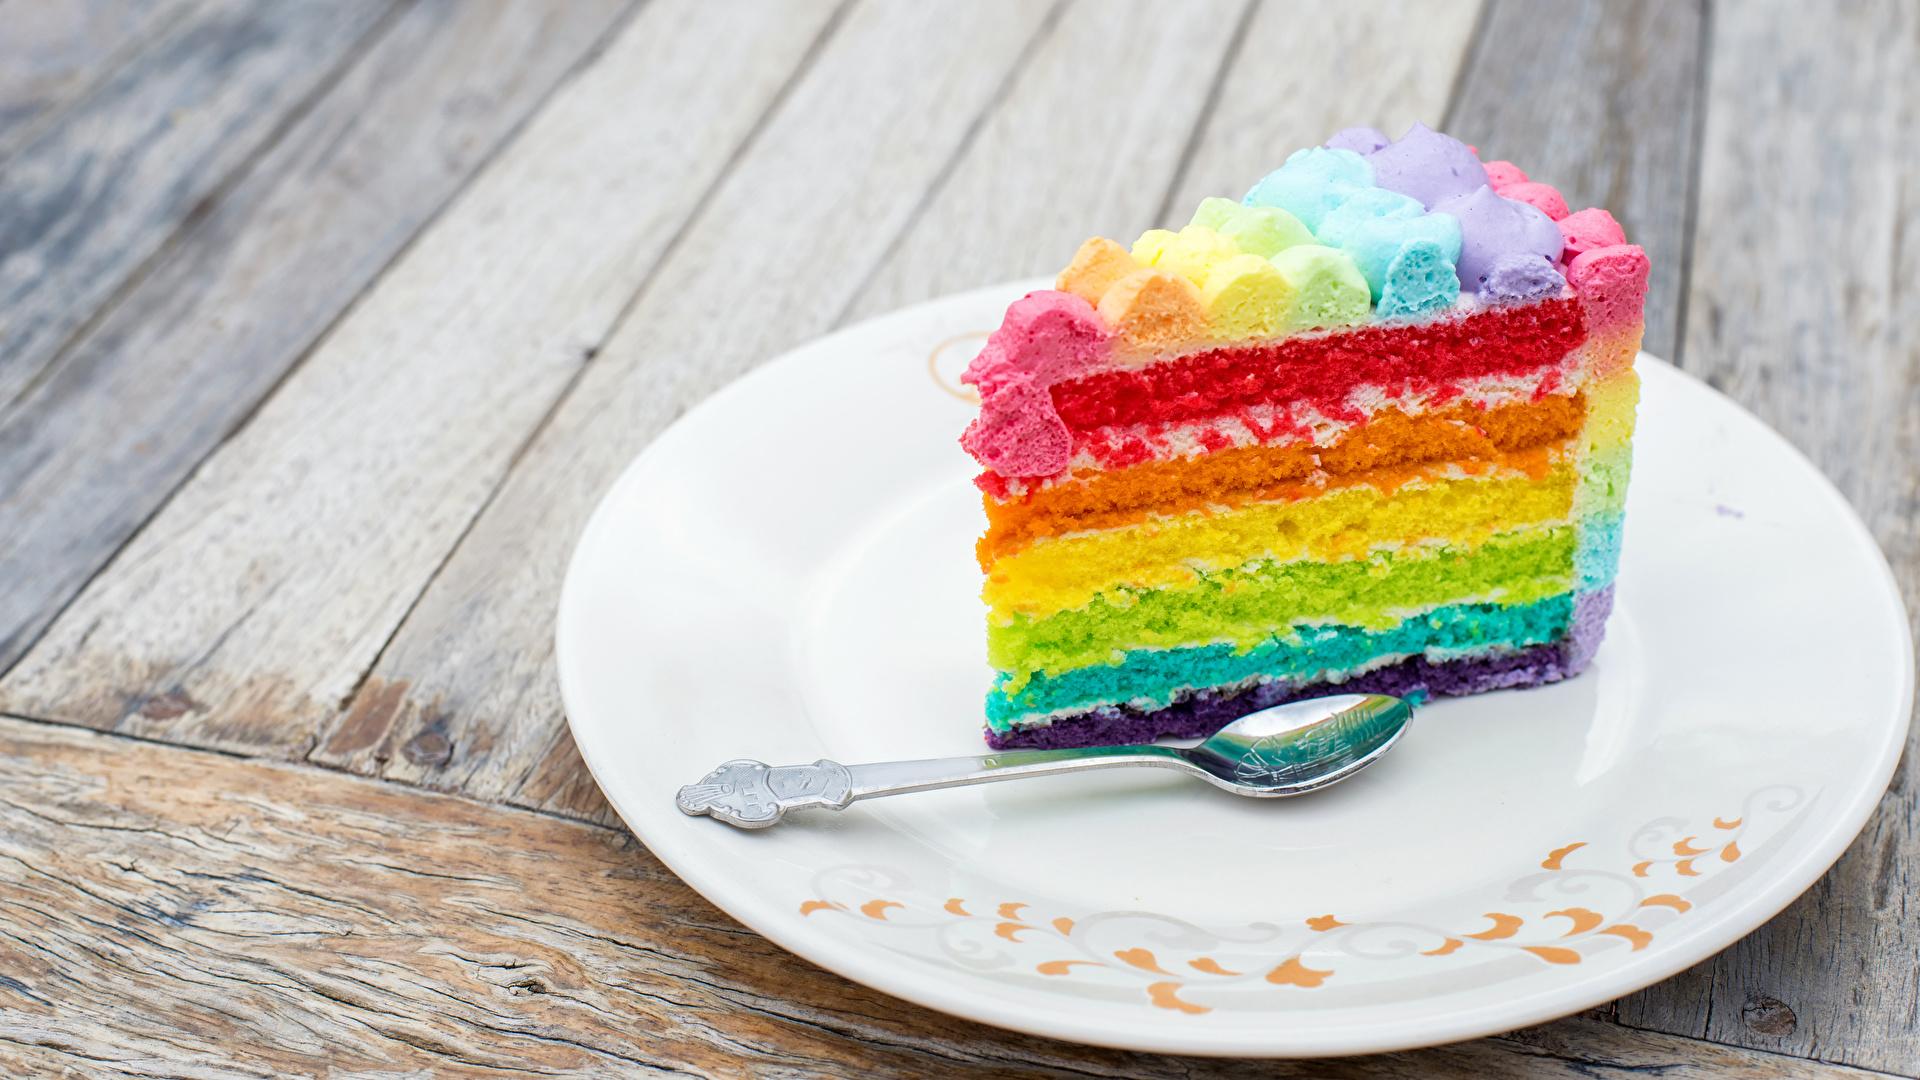 Картинка Разноцветные Торты кусочек Еда Ложка Тарелка 1920x1080 часть Кусок кусочки Пища ложки тарелке Продукты питания